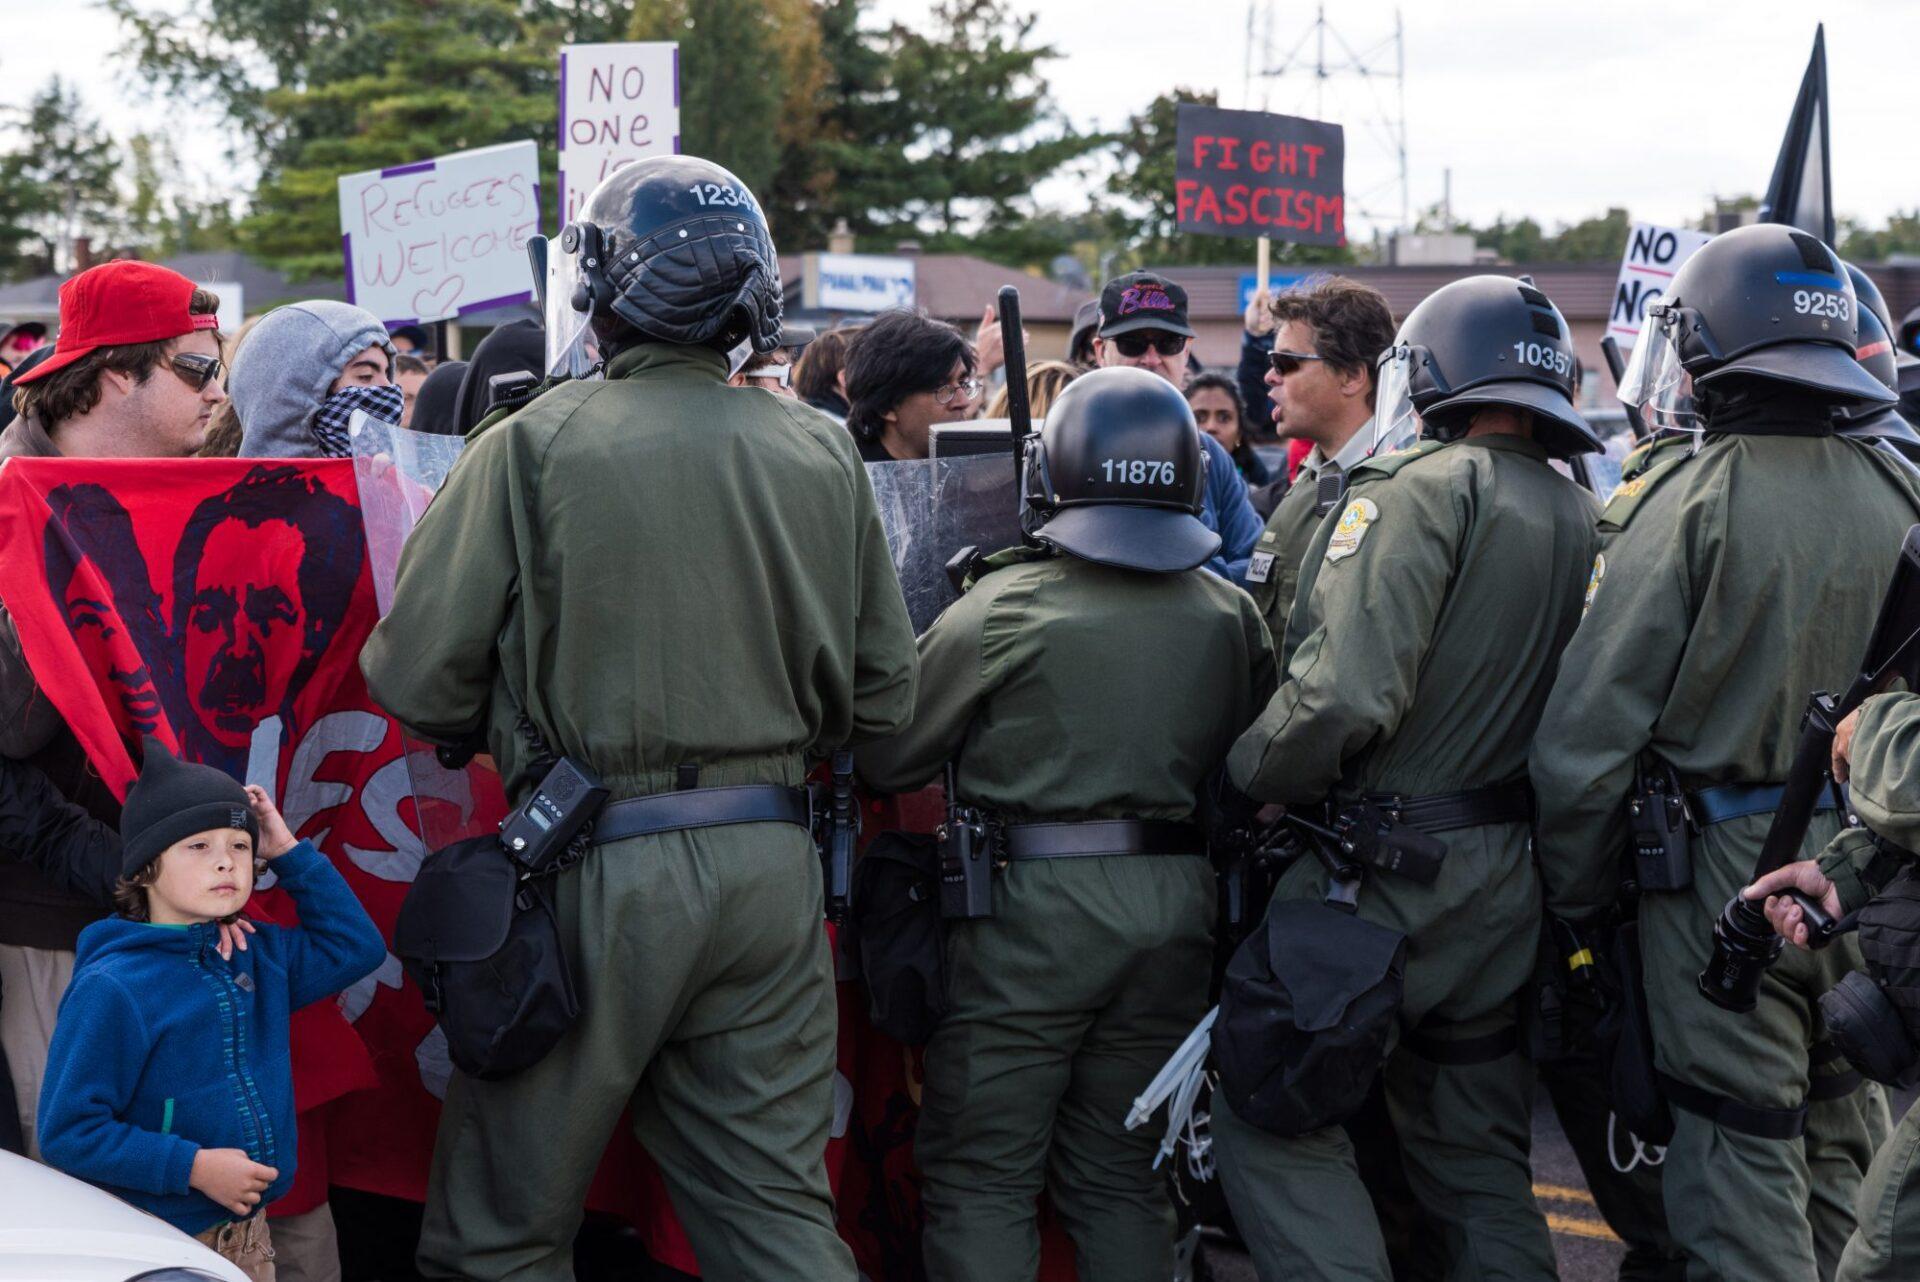 La Sûreté du Québec tente sans succès de faire reculer la ligne antifasciste   Photo: Martin Ouellet-Diotte  Montréal Campus